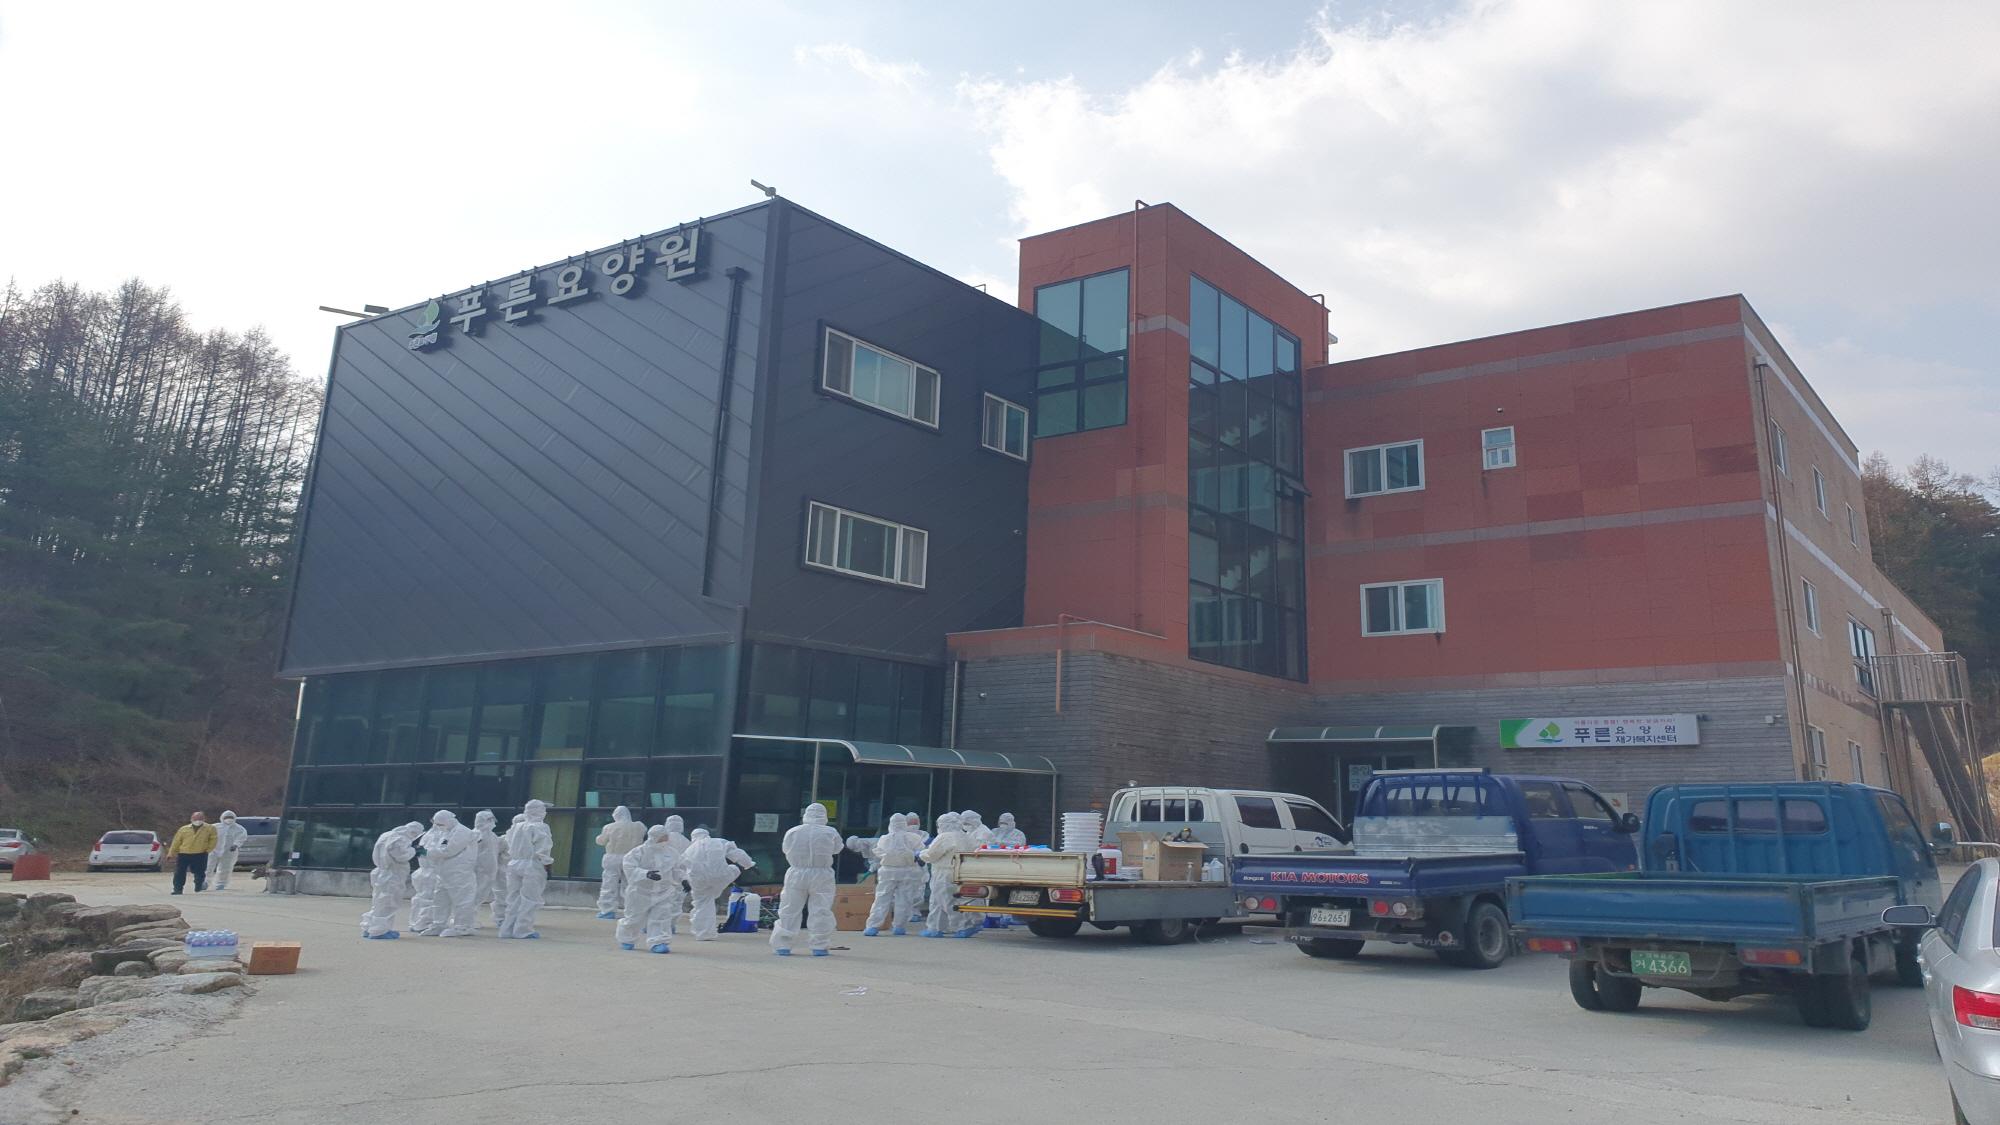 봉화군 푸른요양원, 코로나19 아픔 딛고 새출발